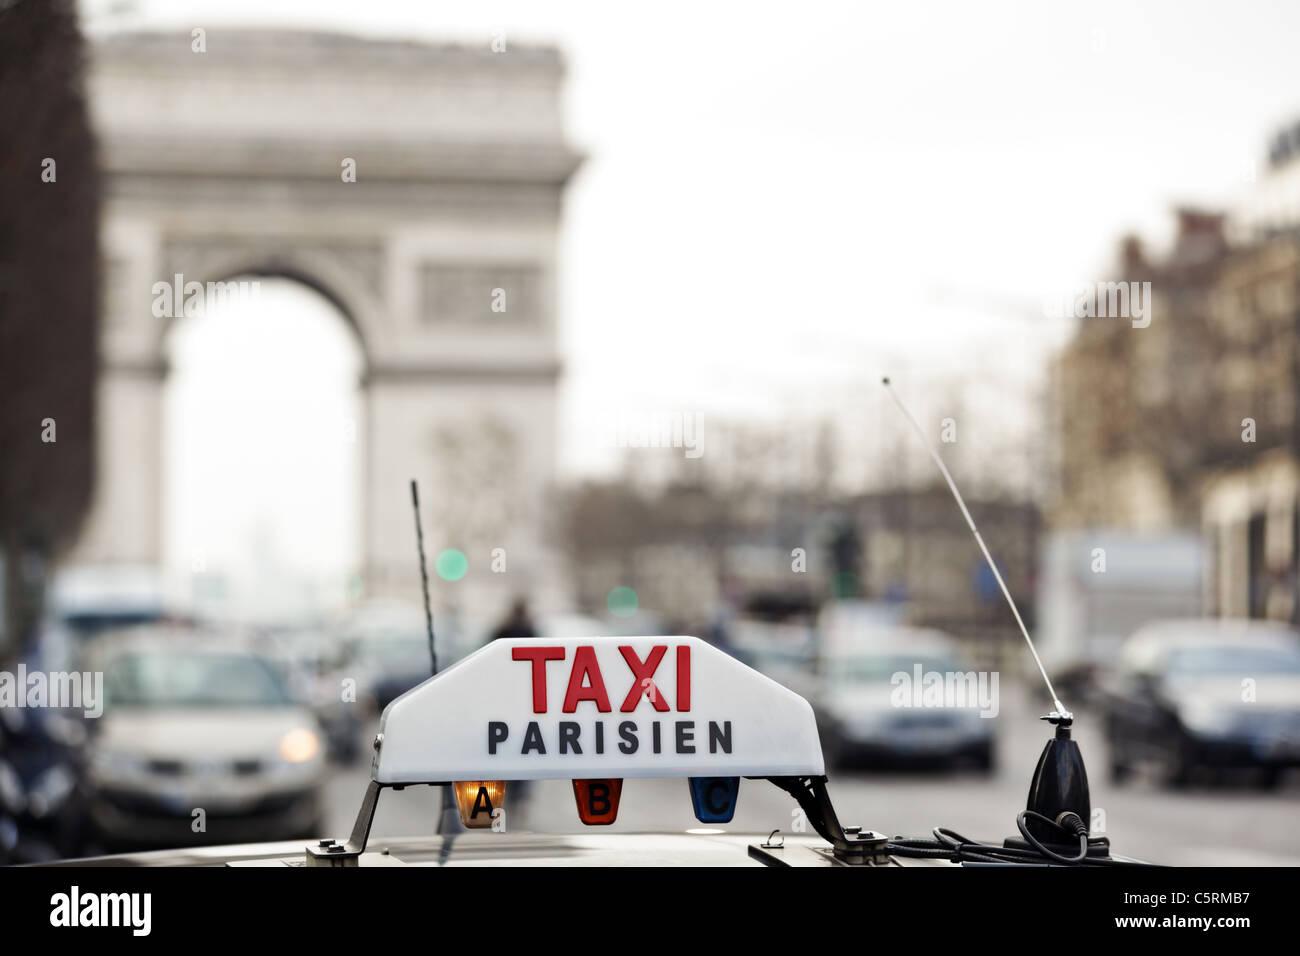 Paris taxi by the Arc de Triomphe Stock Photo